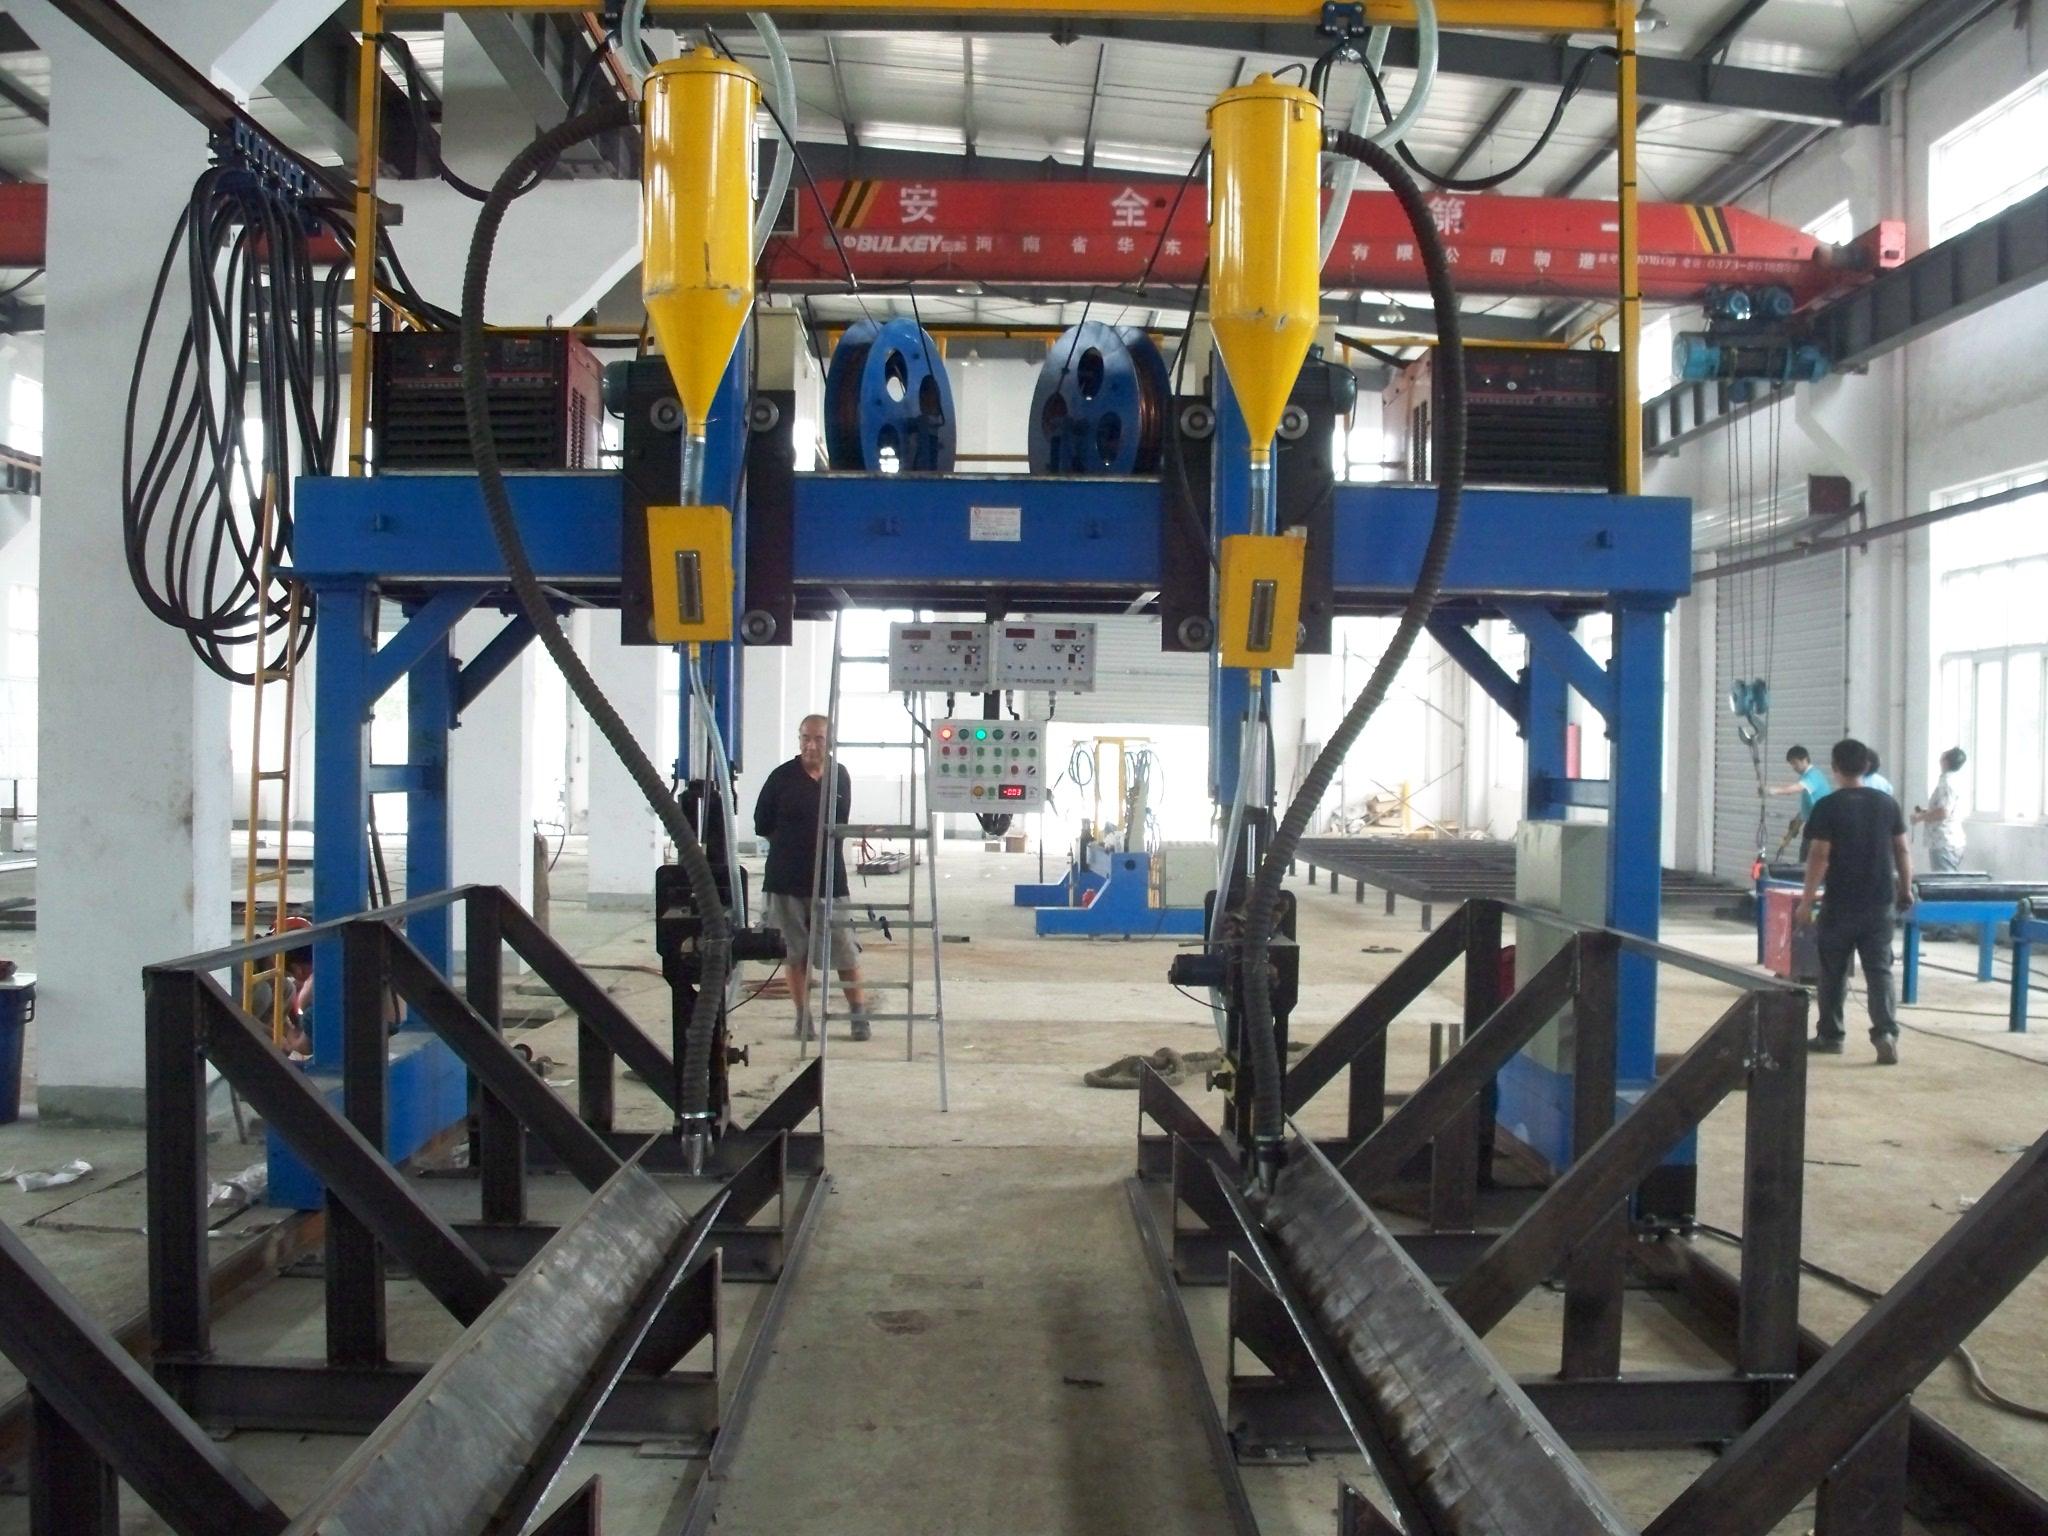 钢结构焊接生产线-机械设备-金属加工—959品牌招商网